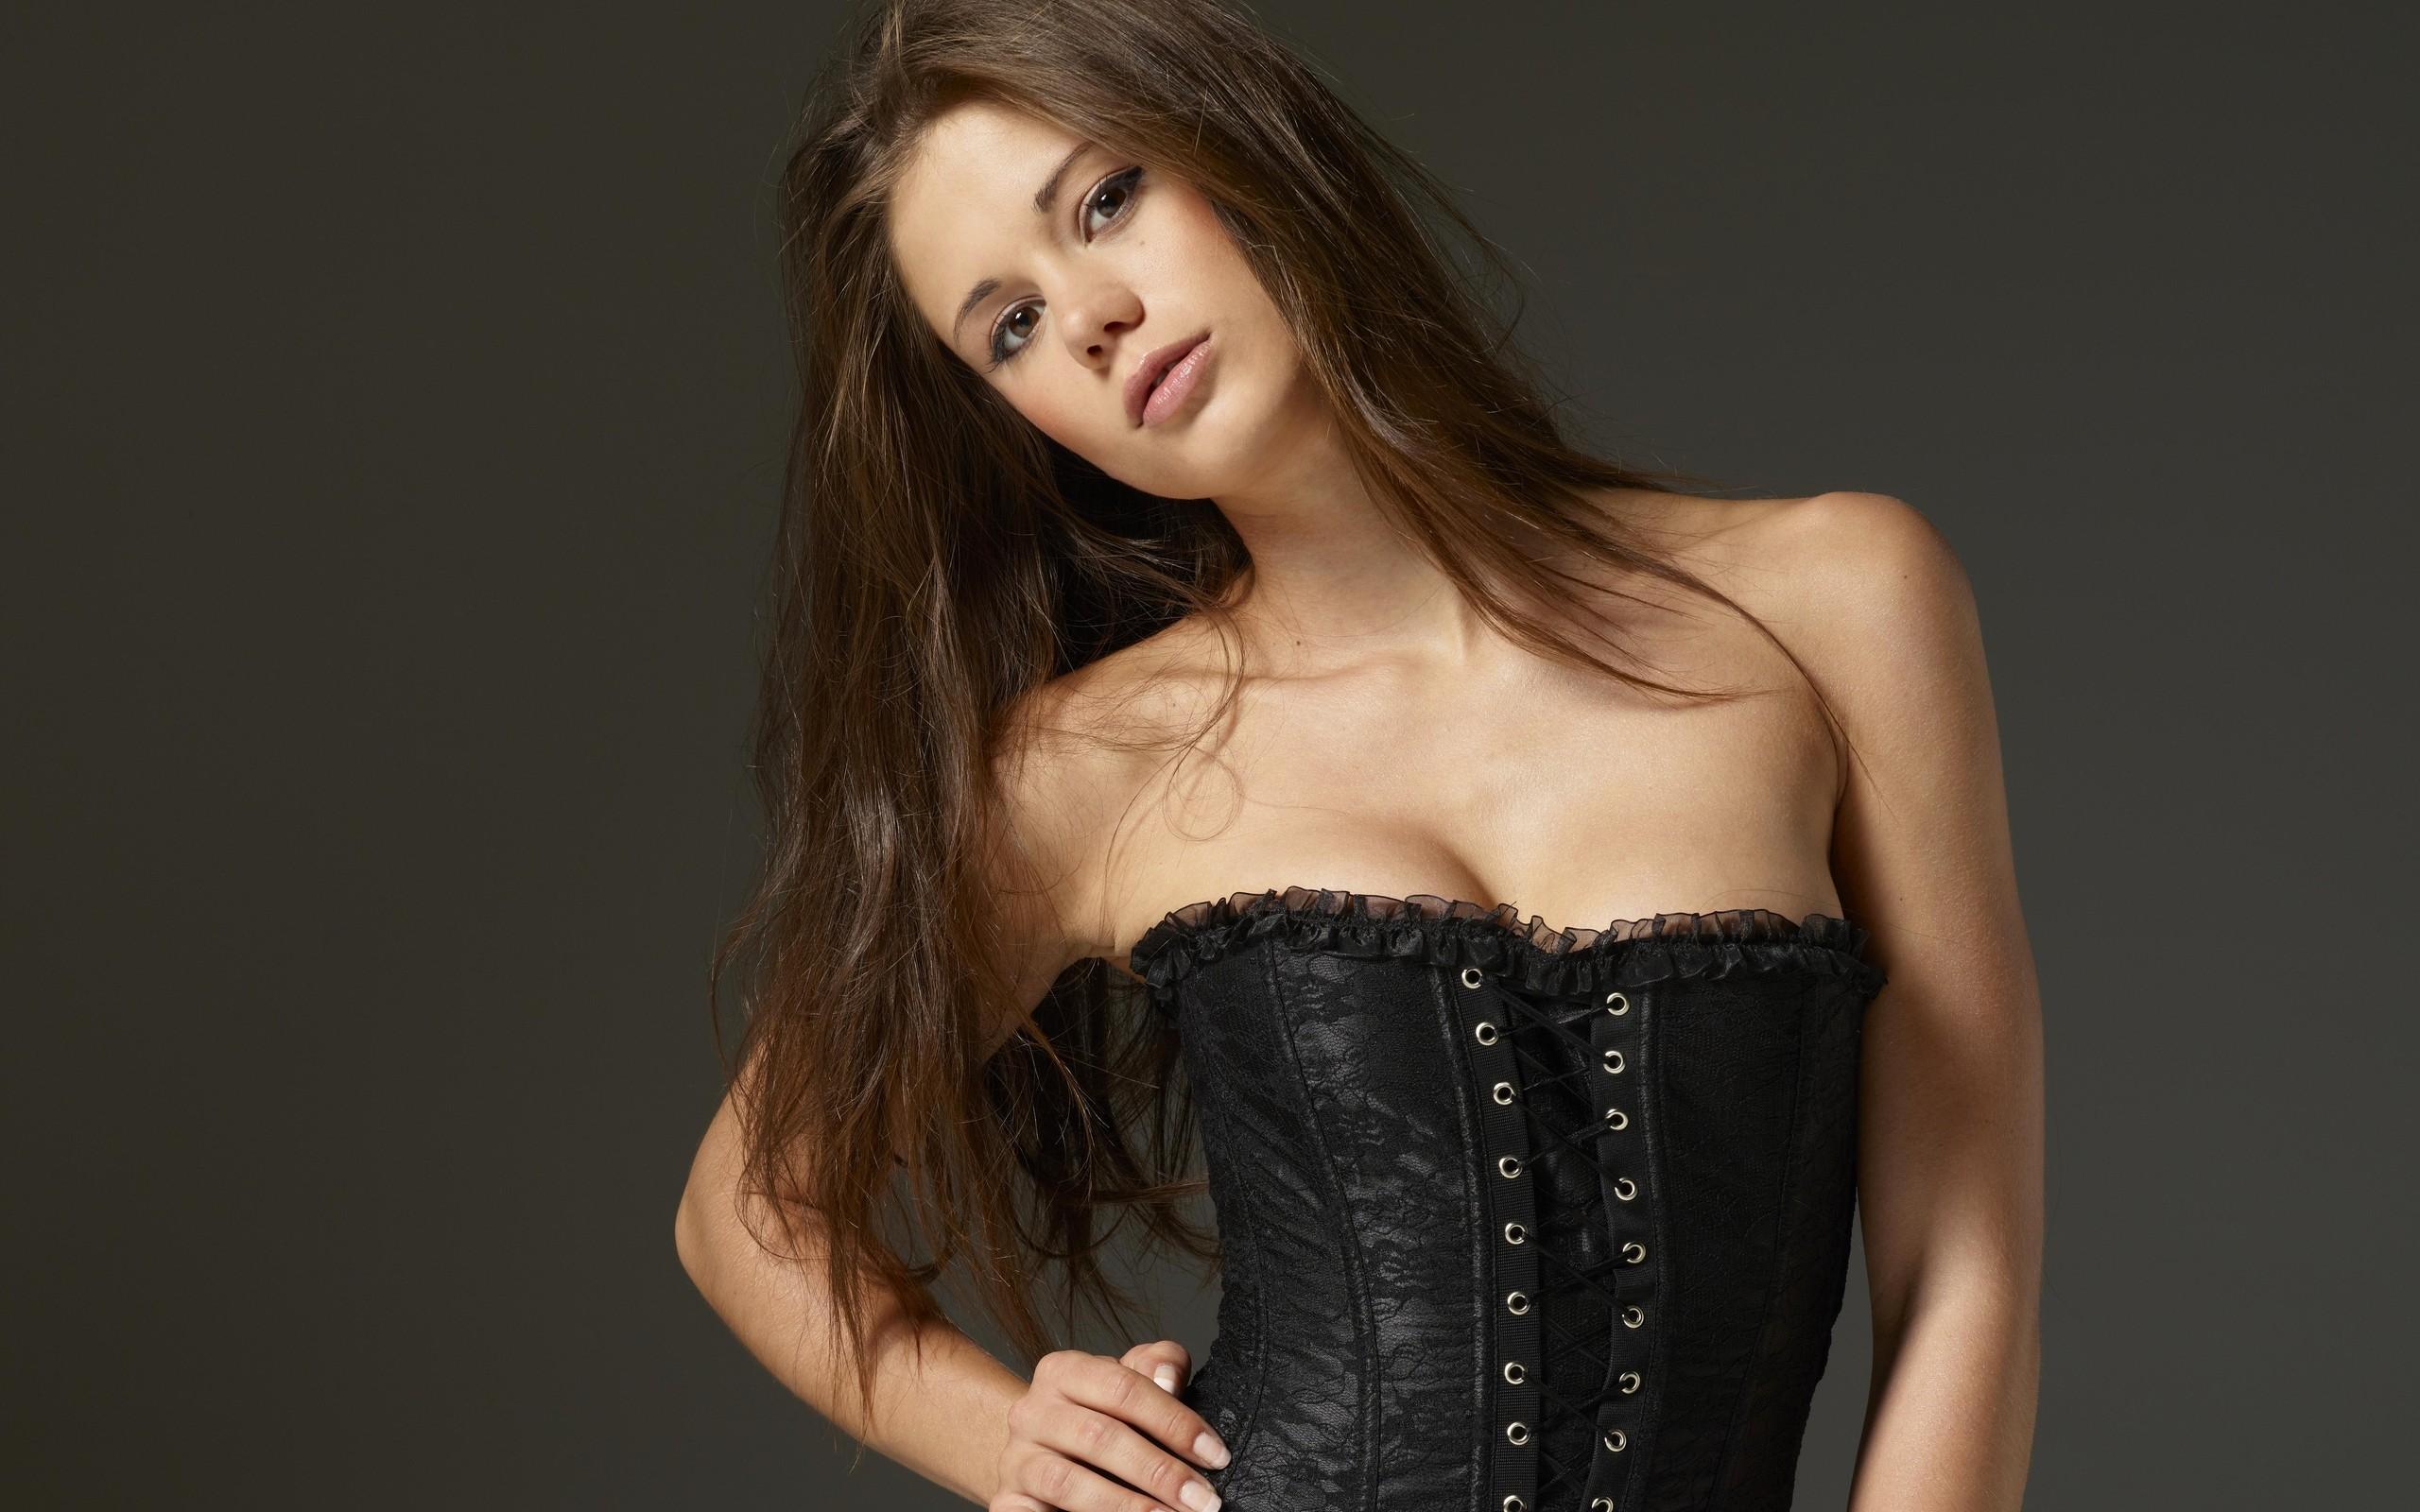 Chica con corset negro - 2560x1600